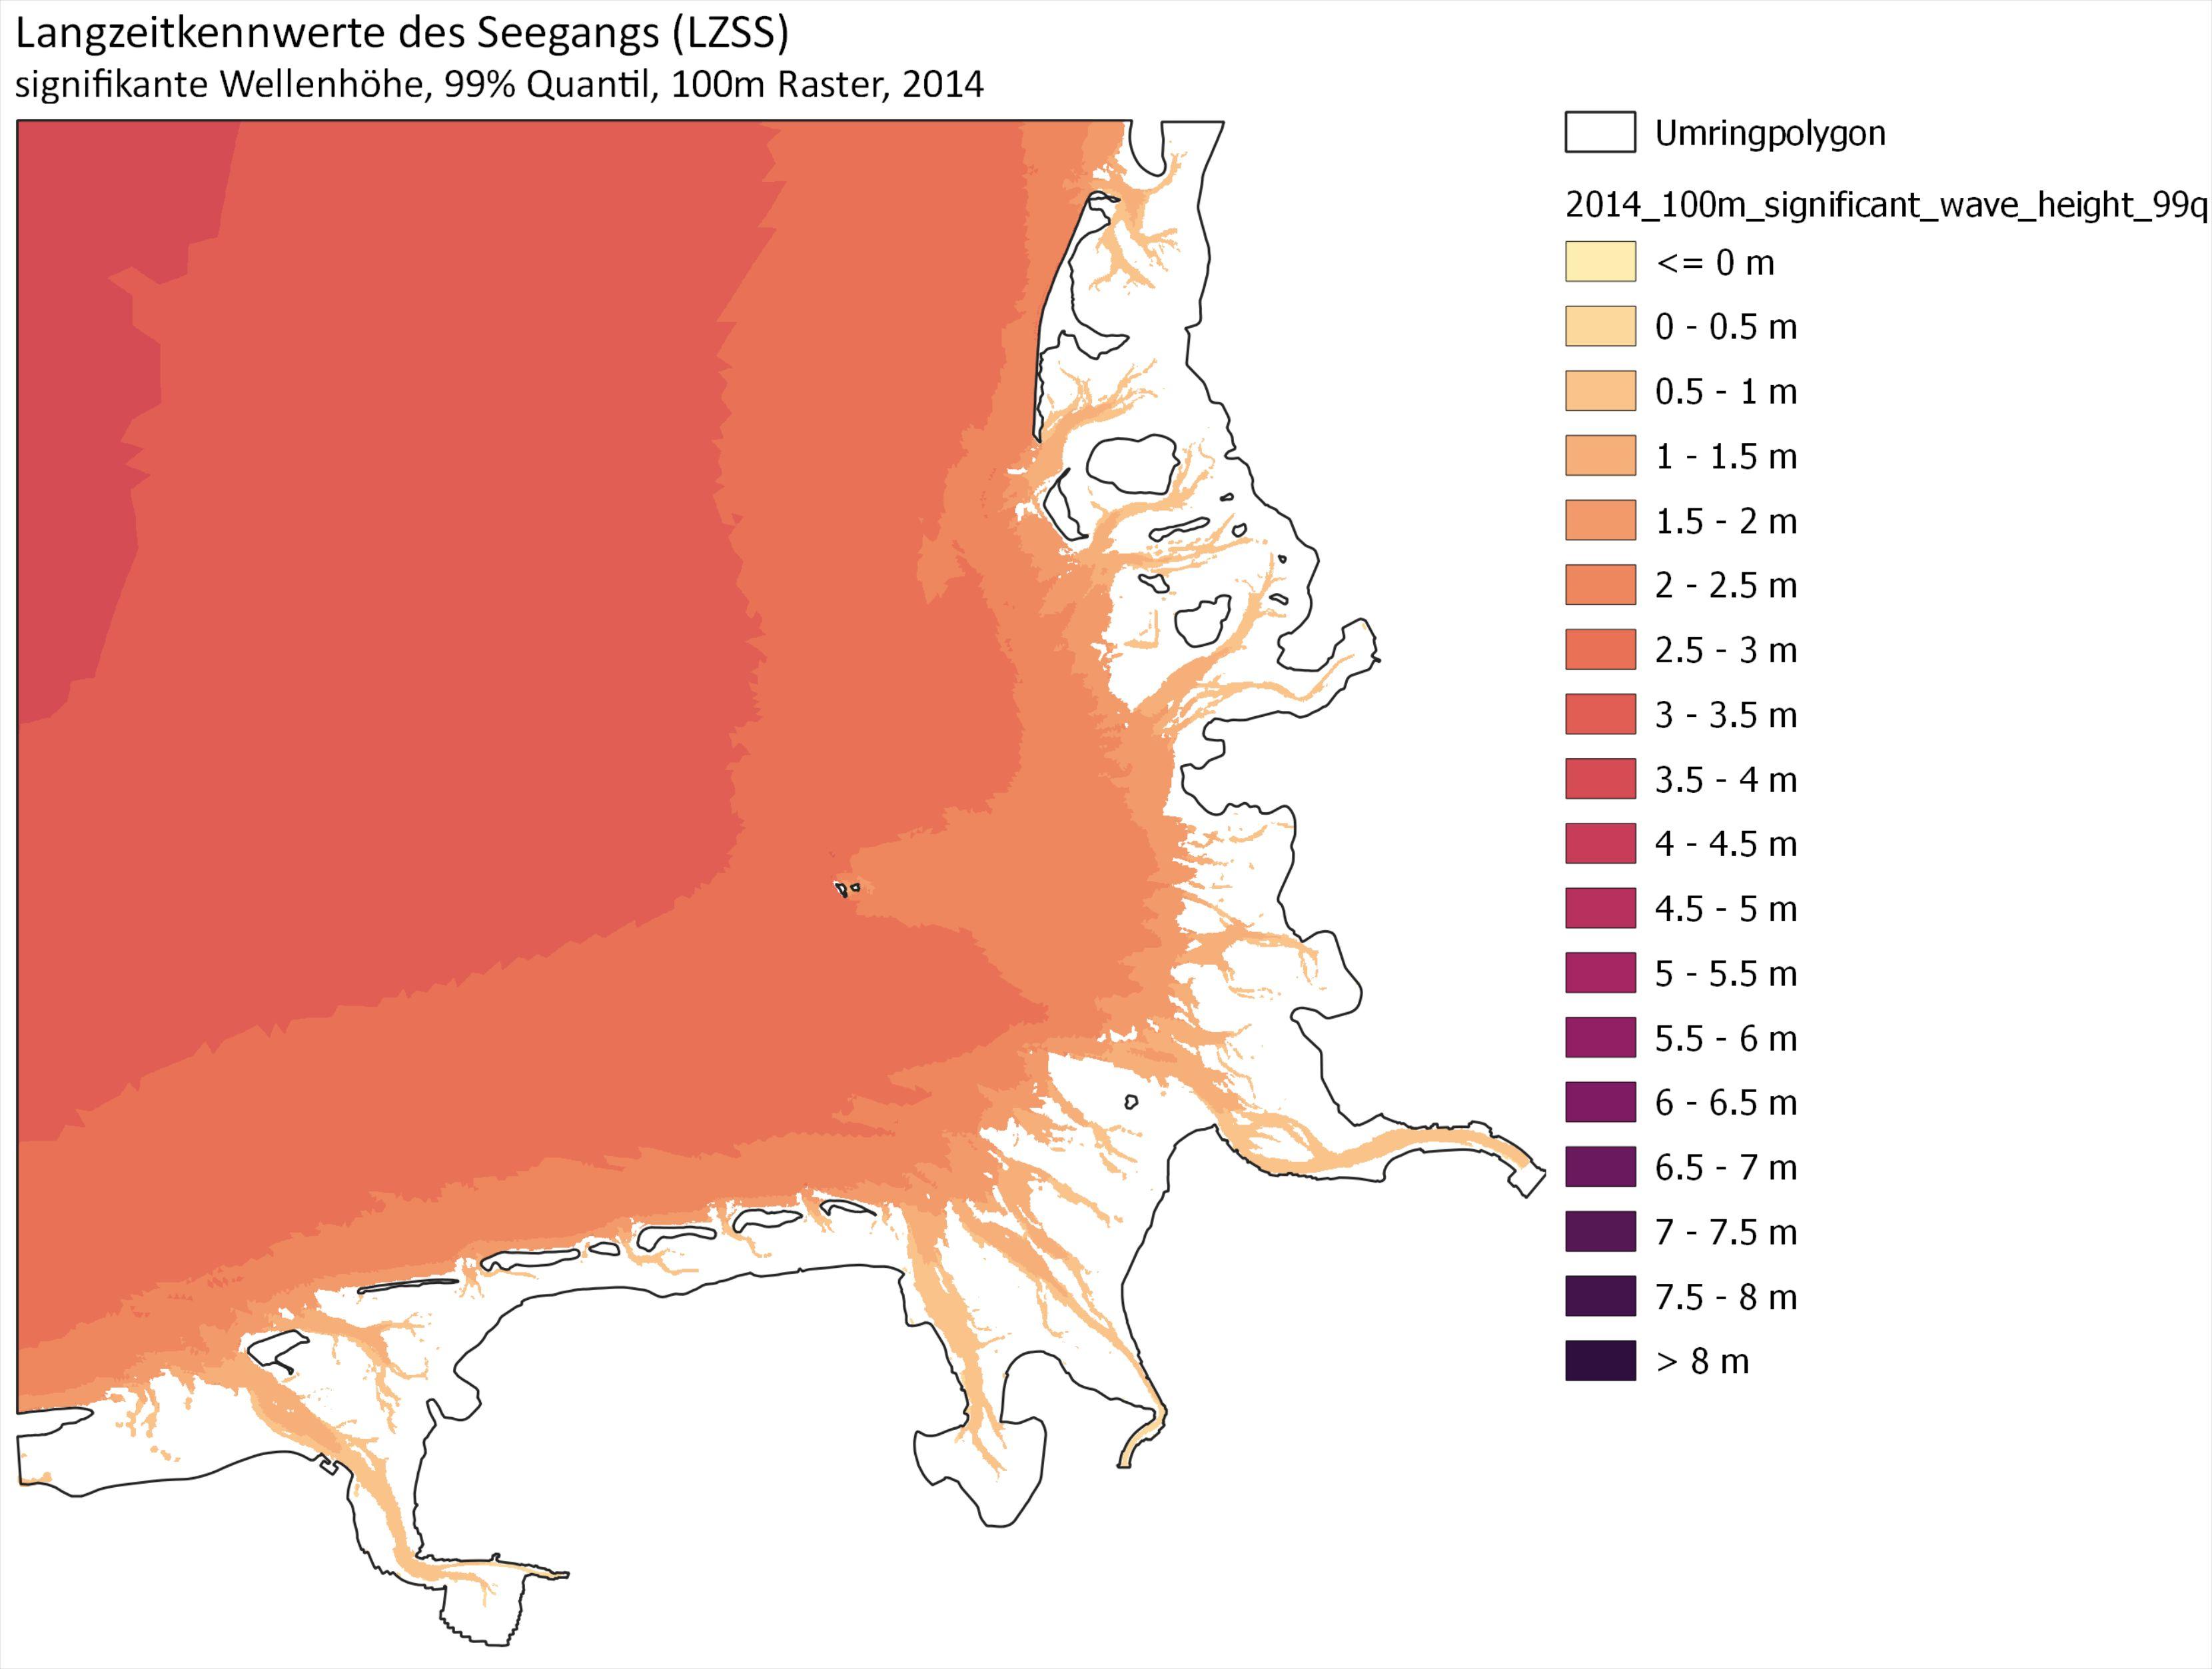 Beispiel: 99% Quantil signifikante Wellenhöhe für das Jahr 2014